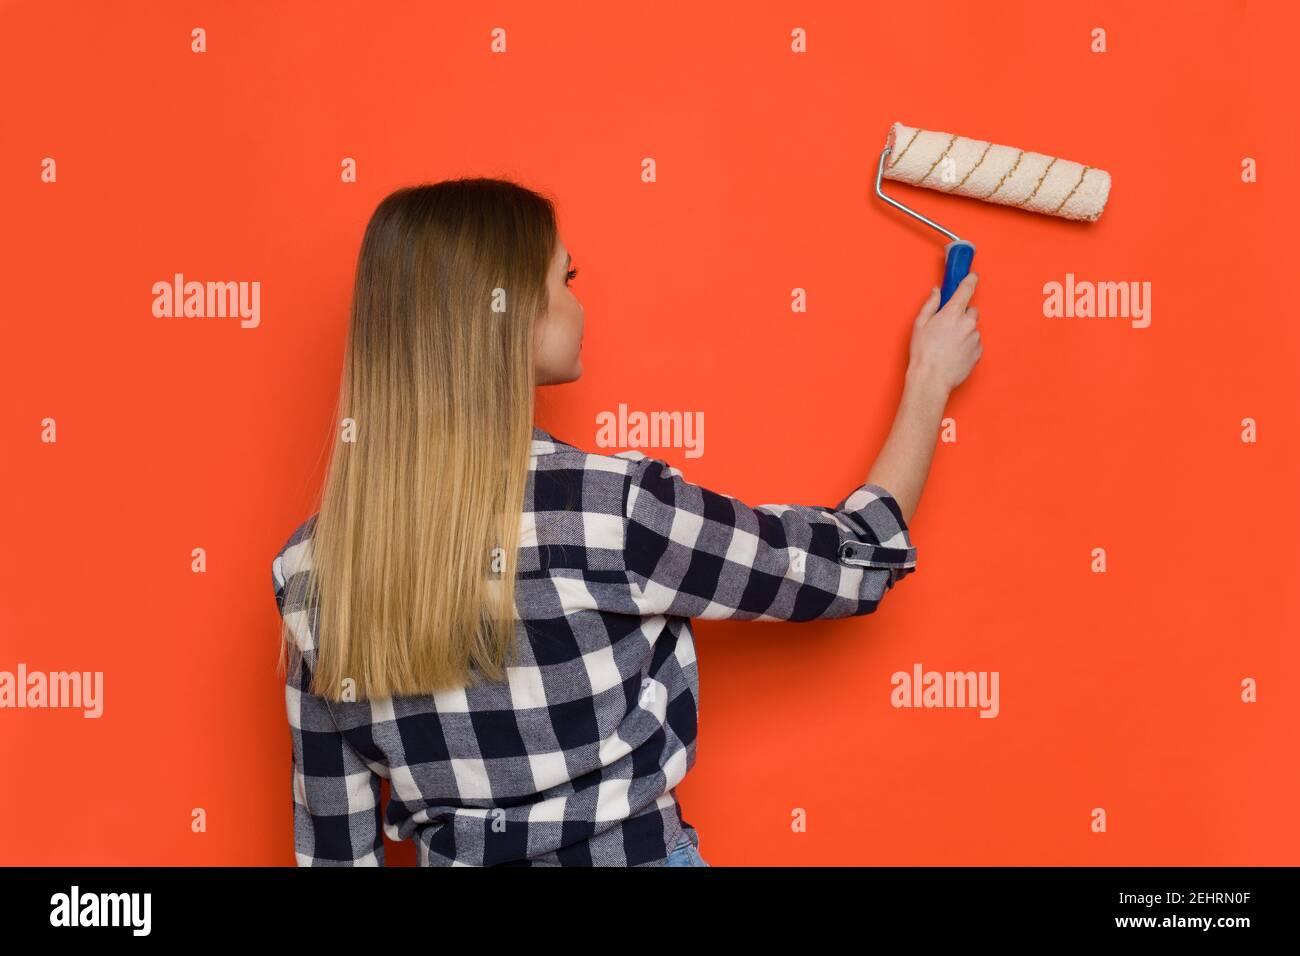 Jeune femme Blonde dans le maillot Lumberjack est peinture mur d'orange avec rouleau de peinture. Vue arrière. Prise de vue à la taille. Banque D'Images